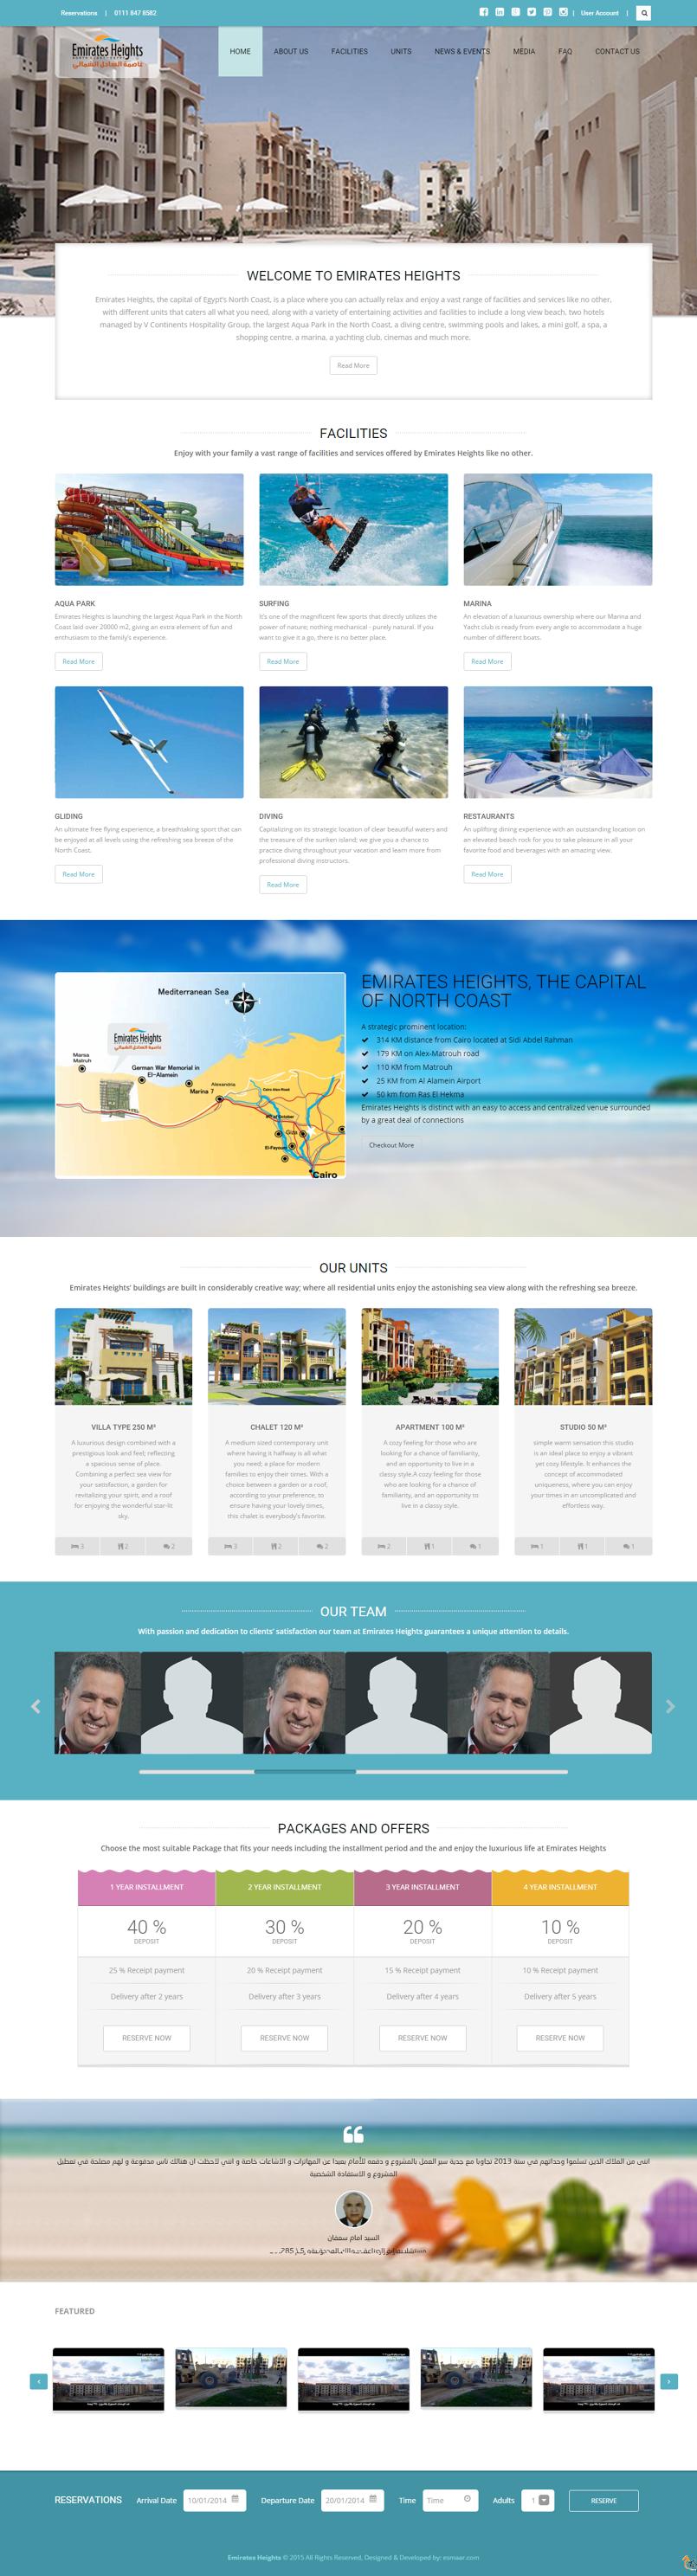 موقع لشركة اماريتس هايتس عاصمة الساحل الشمالى خاصة ب الاستثمار العقاري